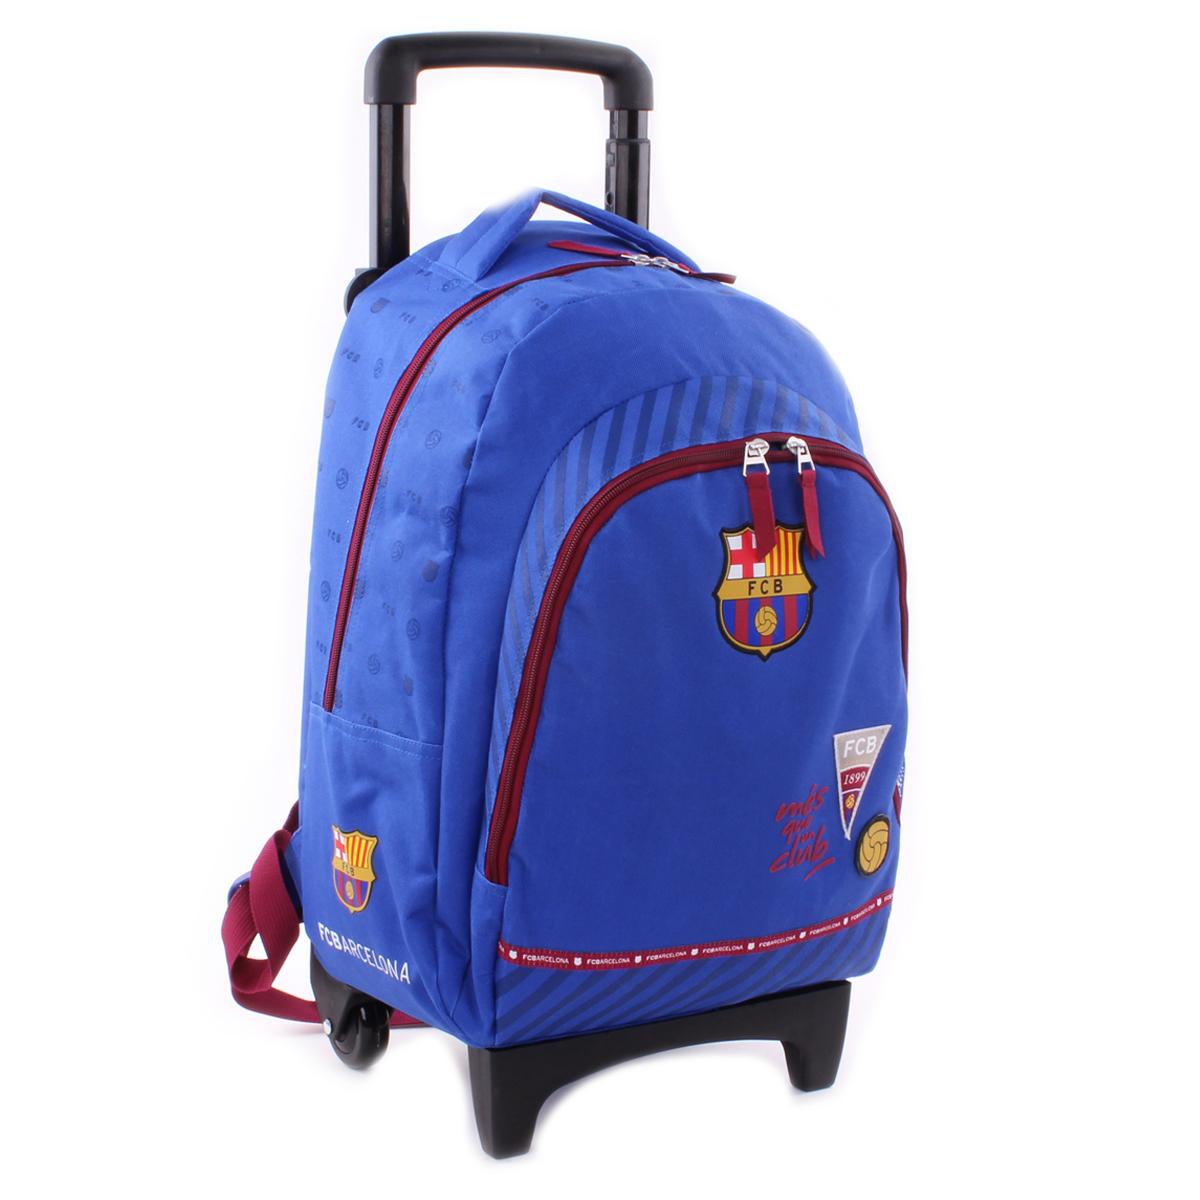 Sac à dos trolley \'FC Barcelona\' bleu rouge - 45x31x17 cm - [Q1929]